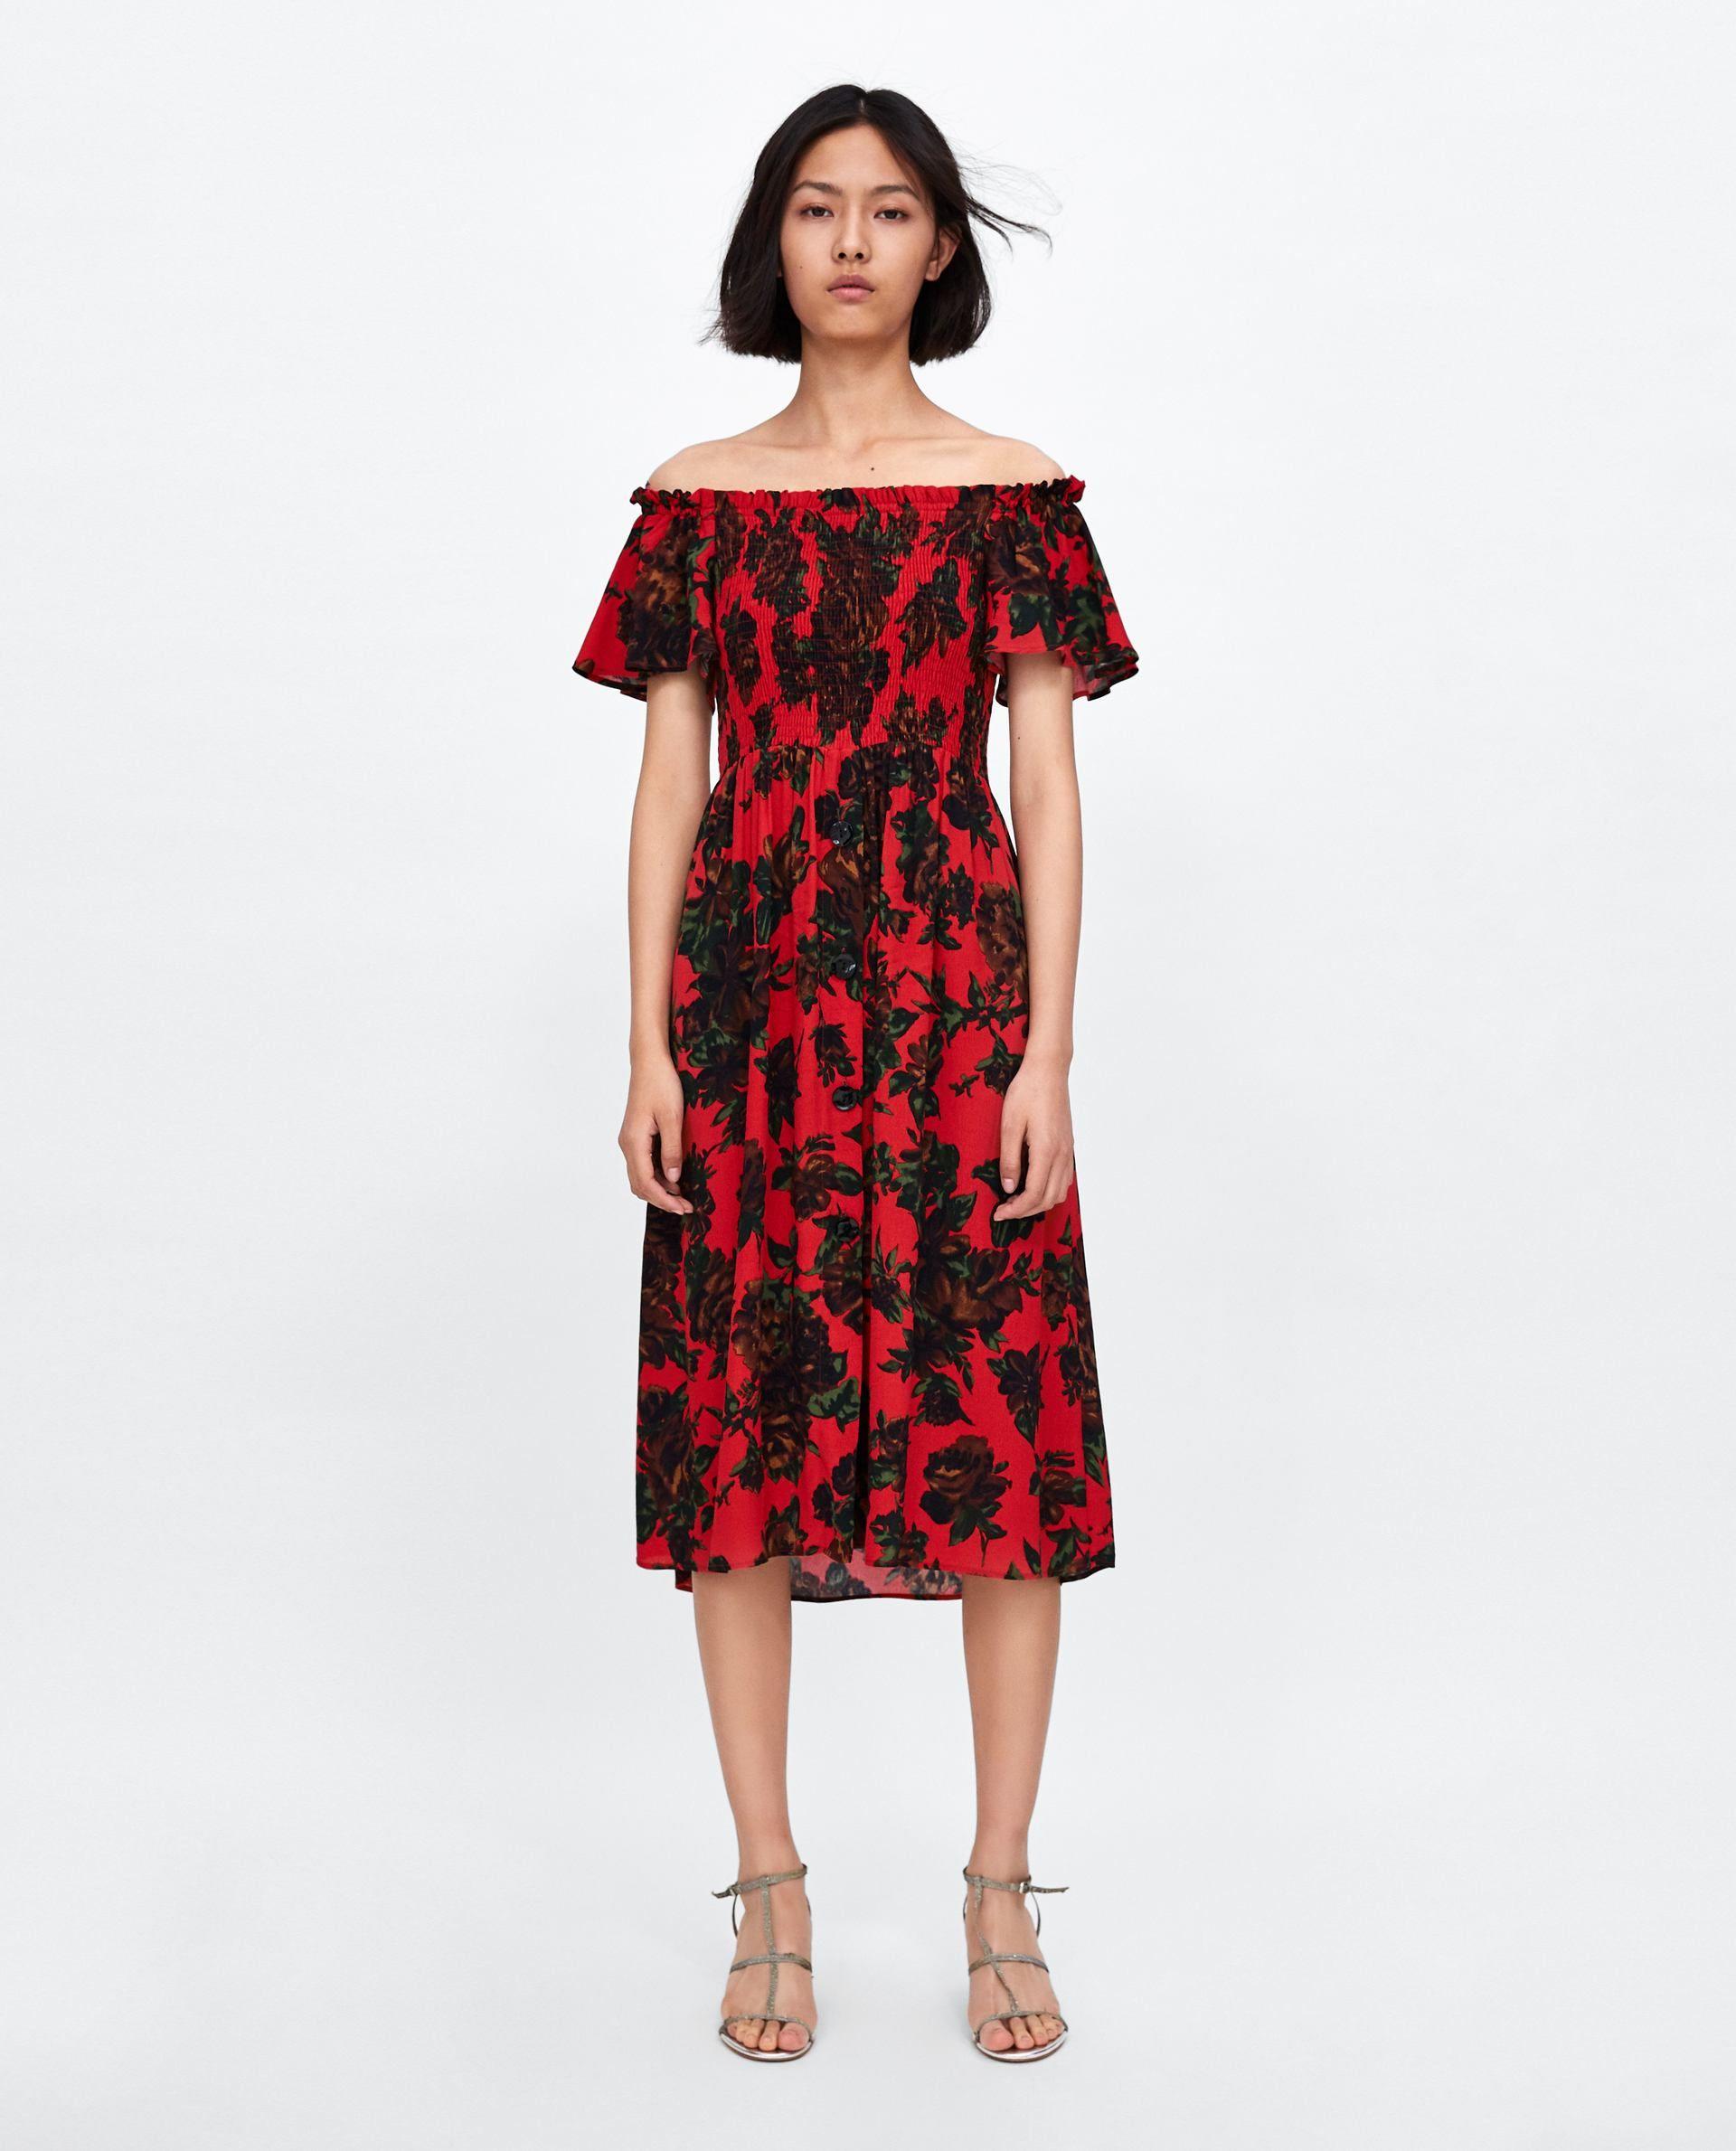 Vestido Hombros Descubiertos De Zara Vestidos Vestidos Nuevo